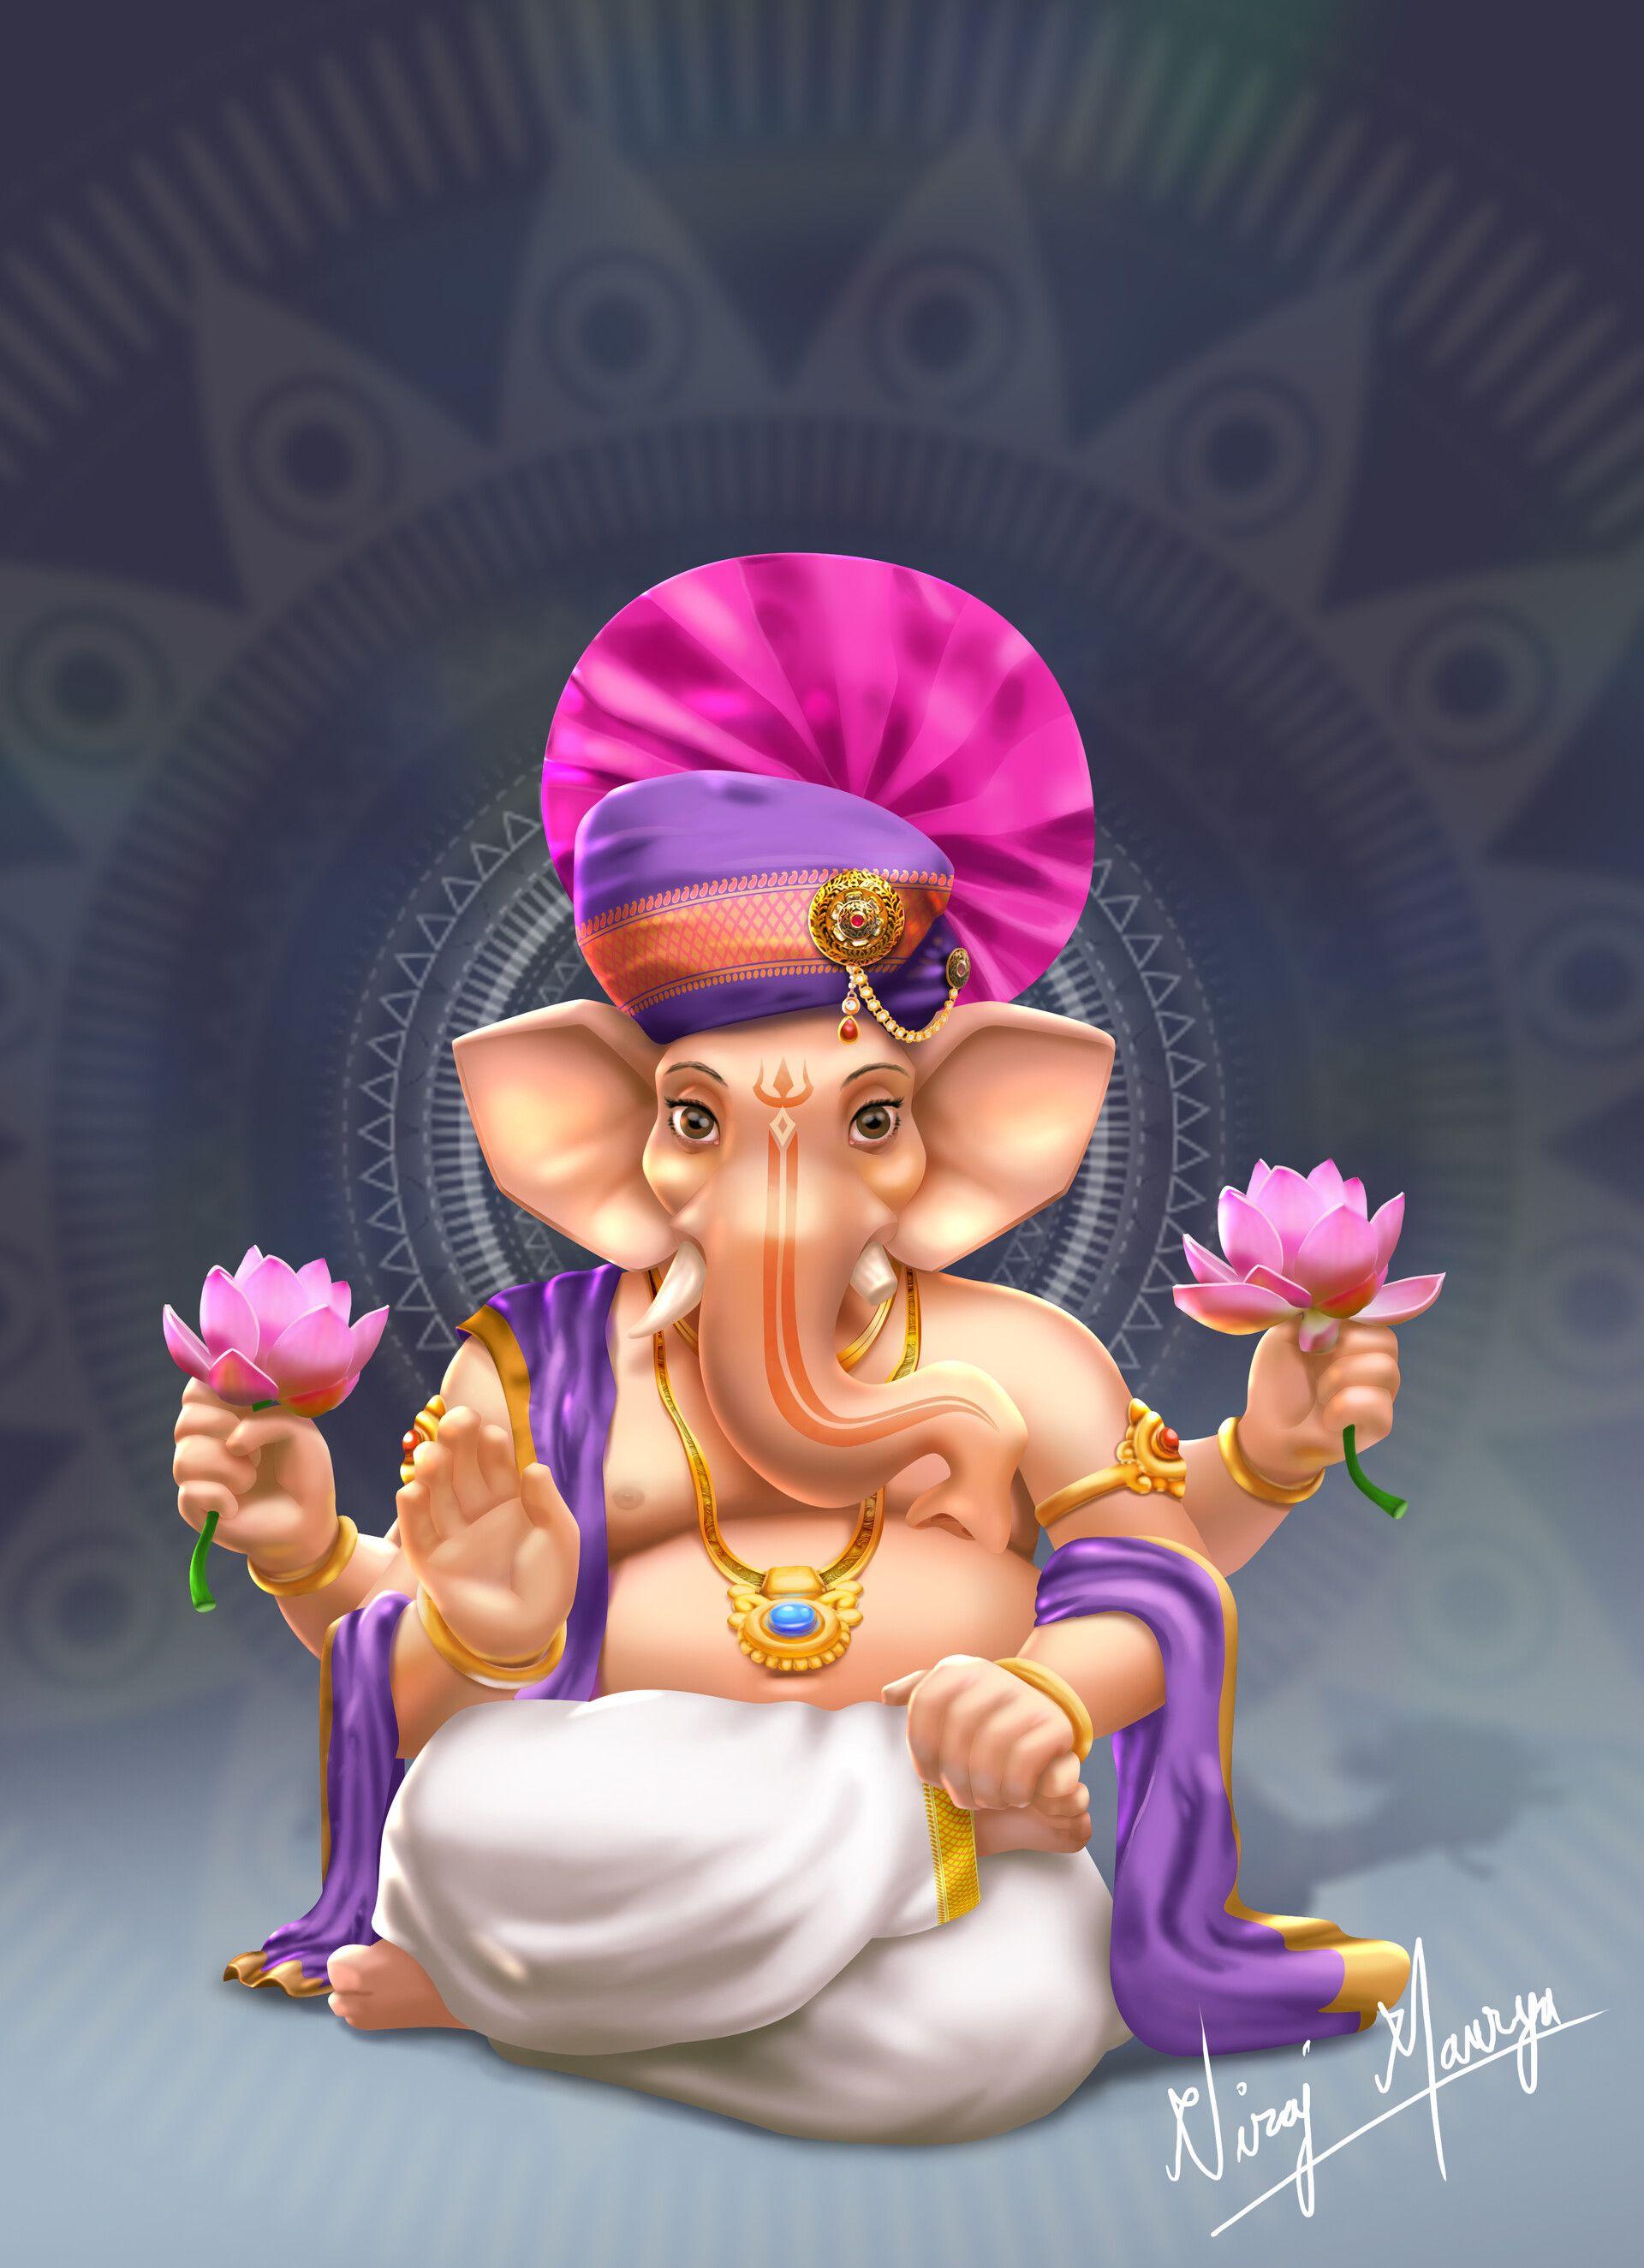 Ganesh Ji Ganesh Chaturthi Images Happy Ganesh Chaturthi Images Ganesh Ji Images